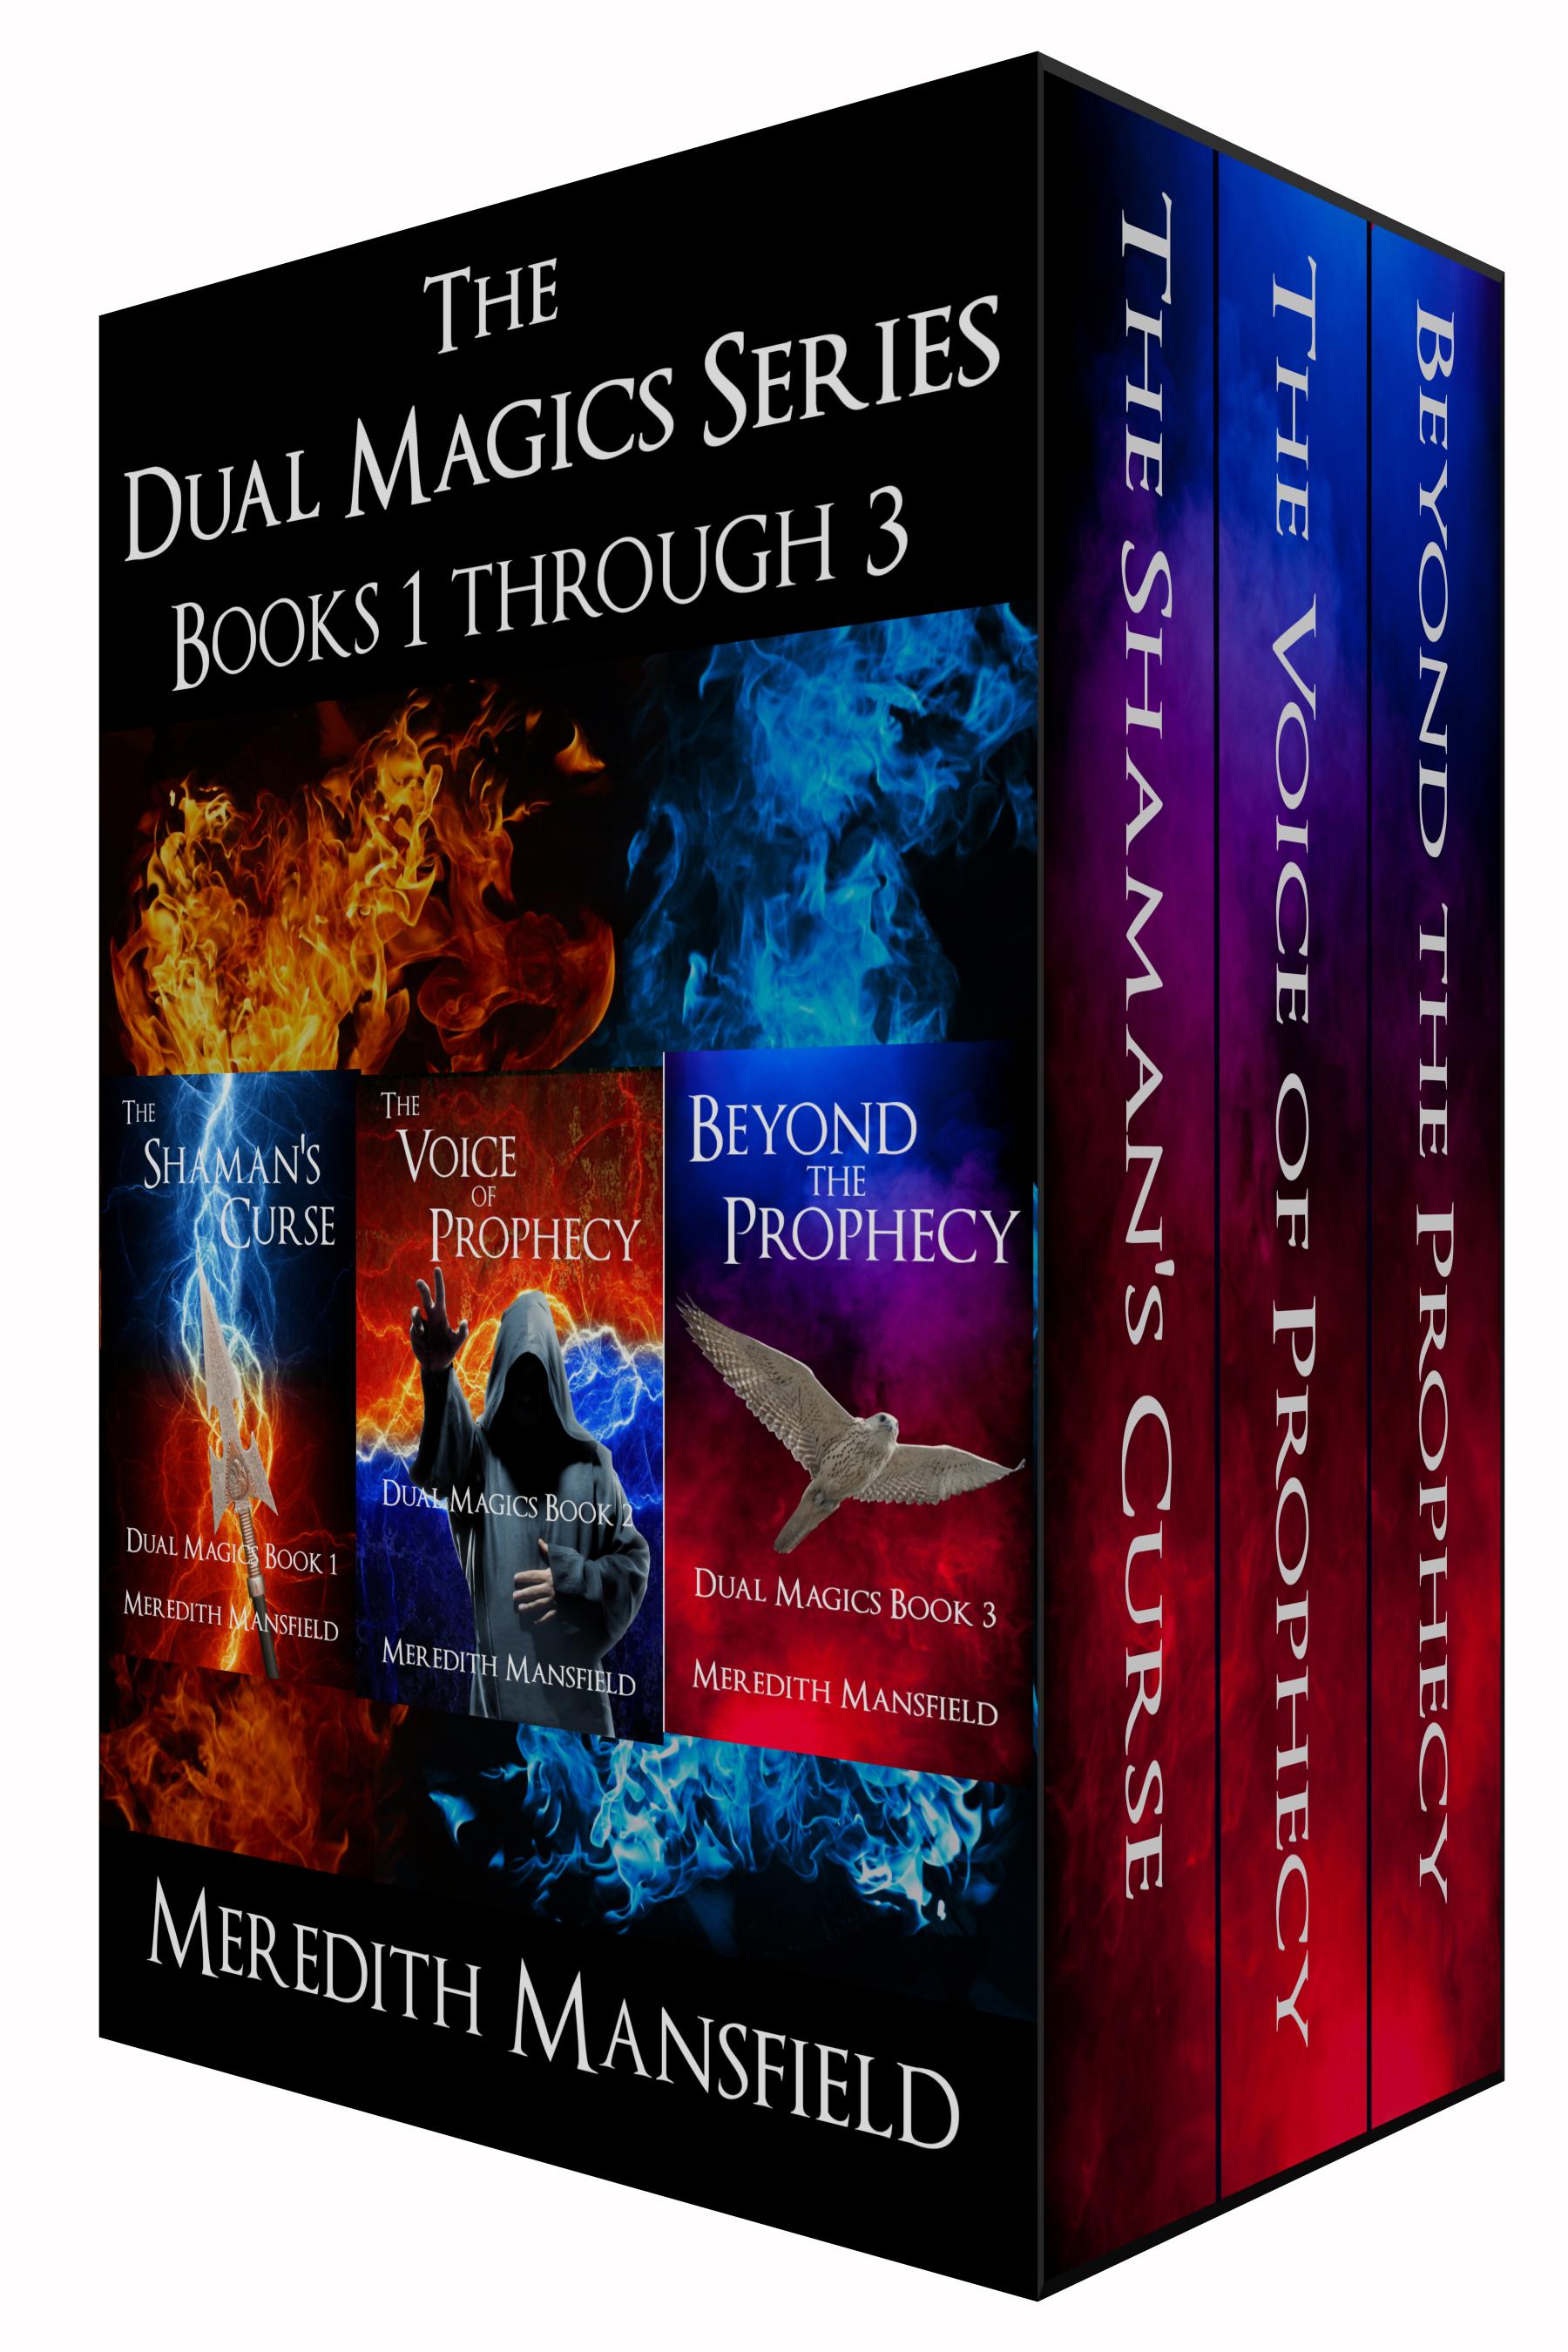 Dual Magics 1-3 Boxed Set